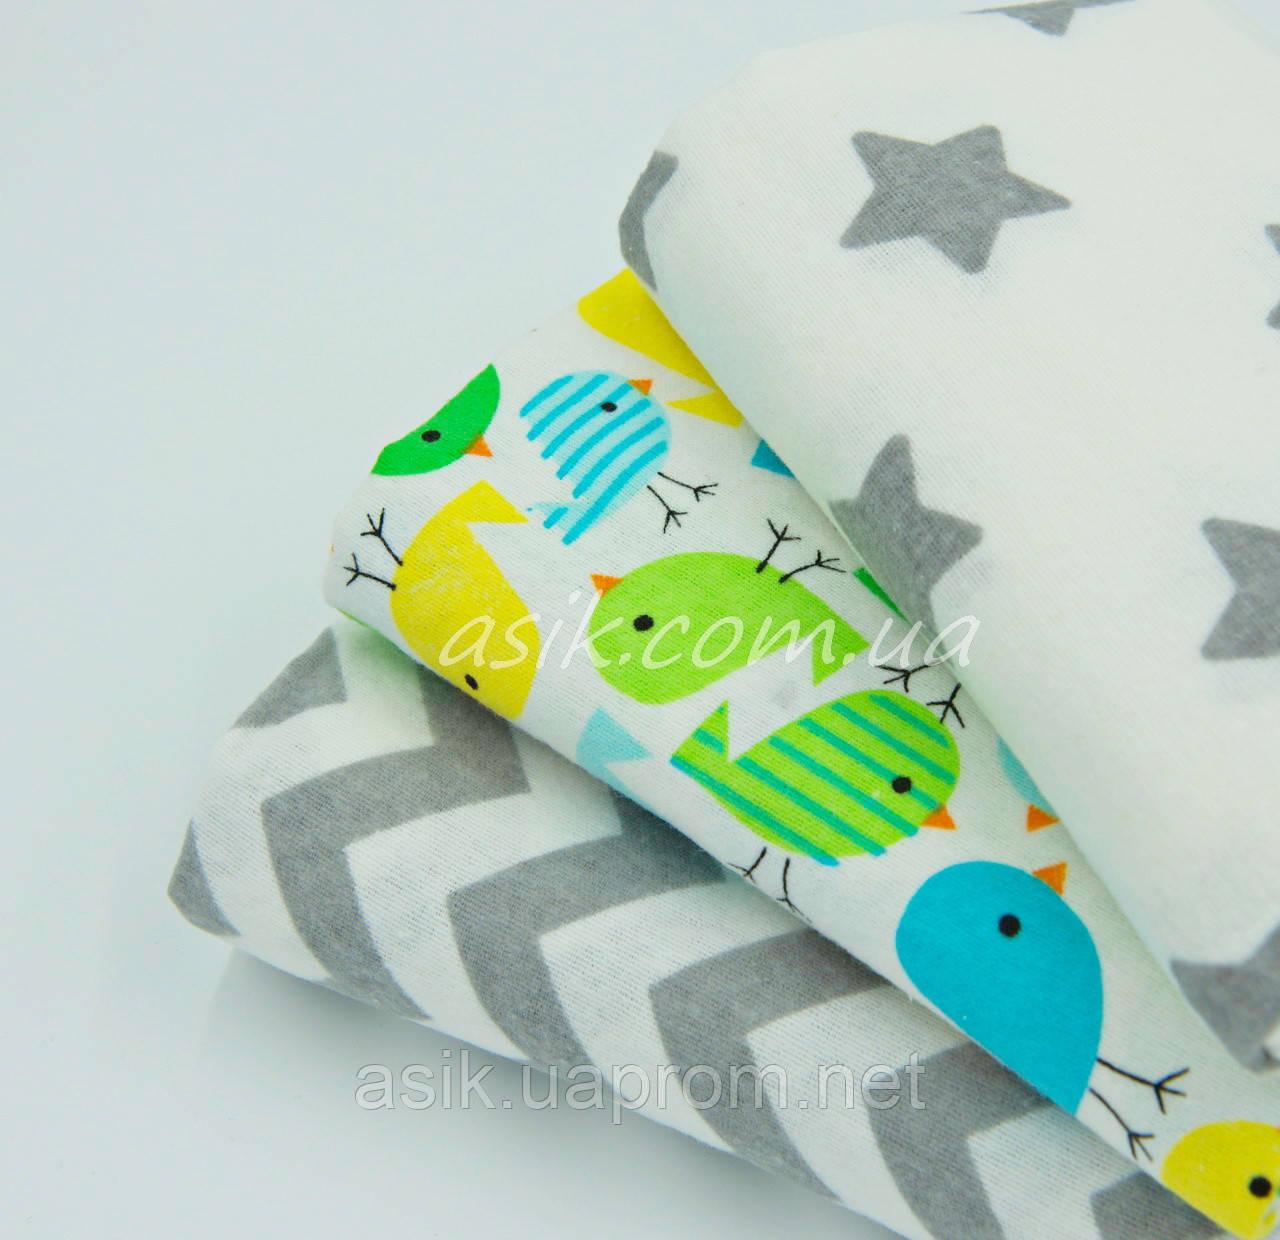 Набор фланелевых пелёнок для новорожденных из 3-х штук с салатовими воробьями (Польша) - Интернет-магазин детской постели «ASIK» в Волынской области